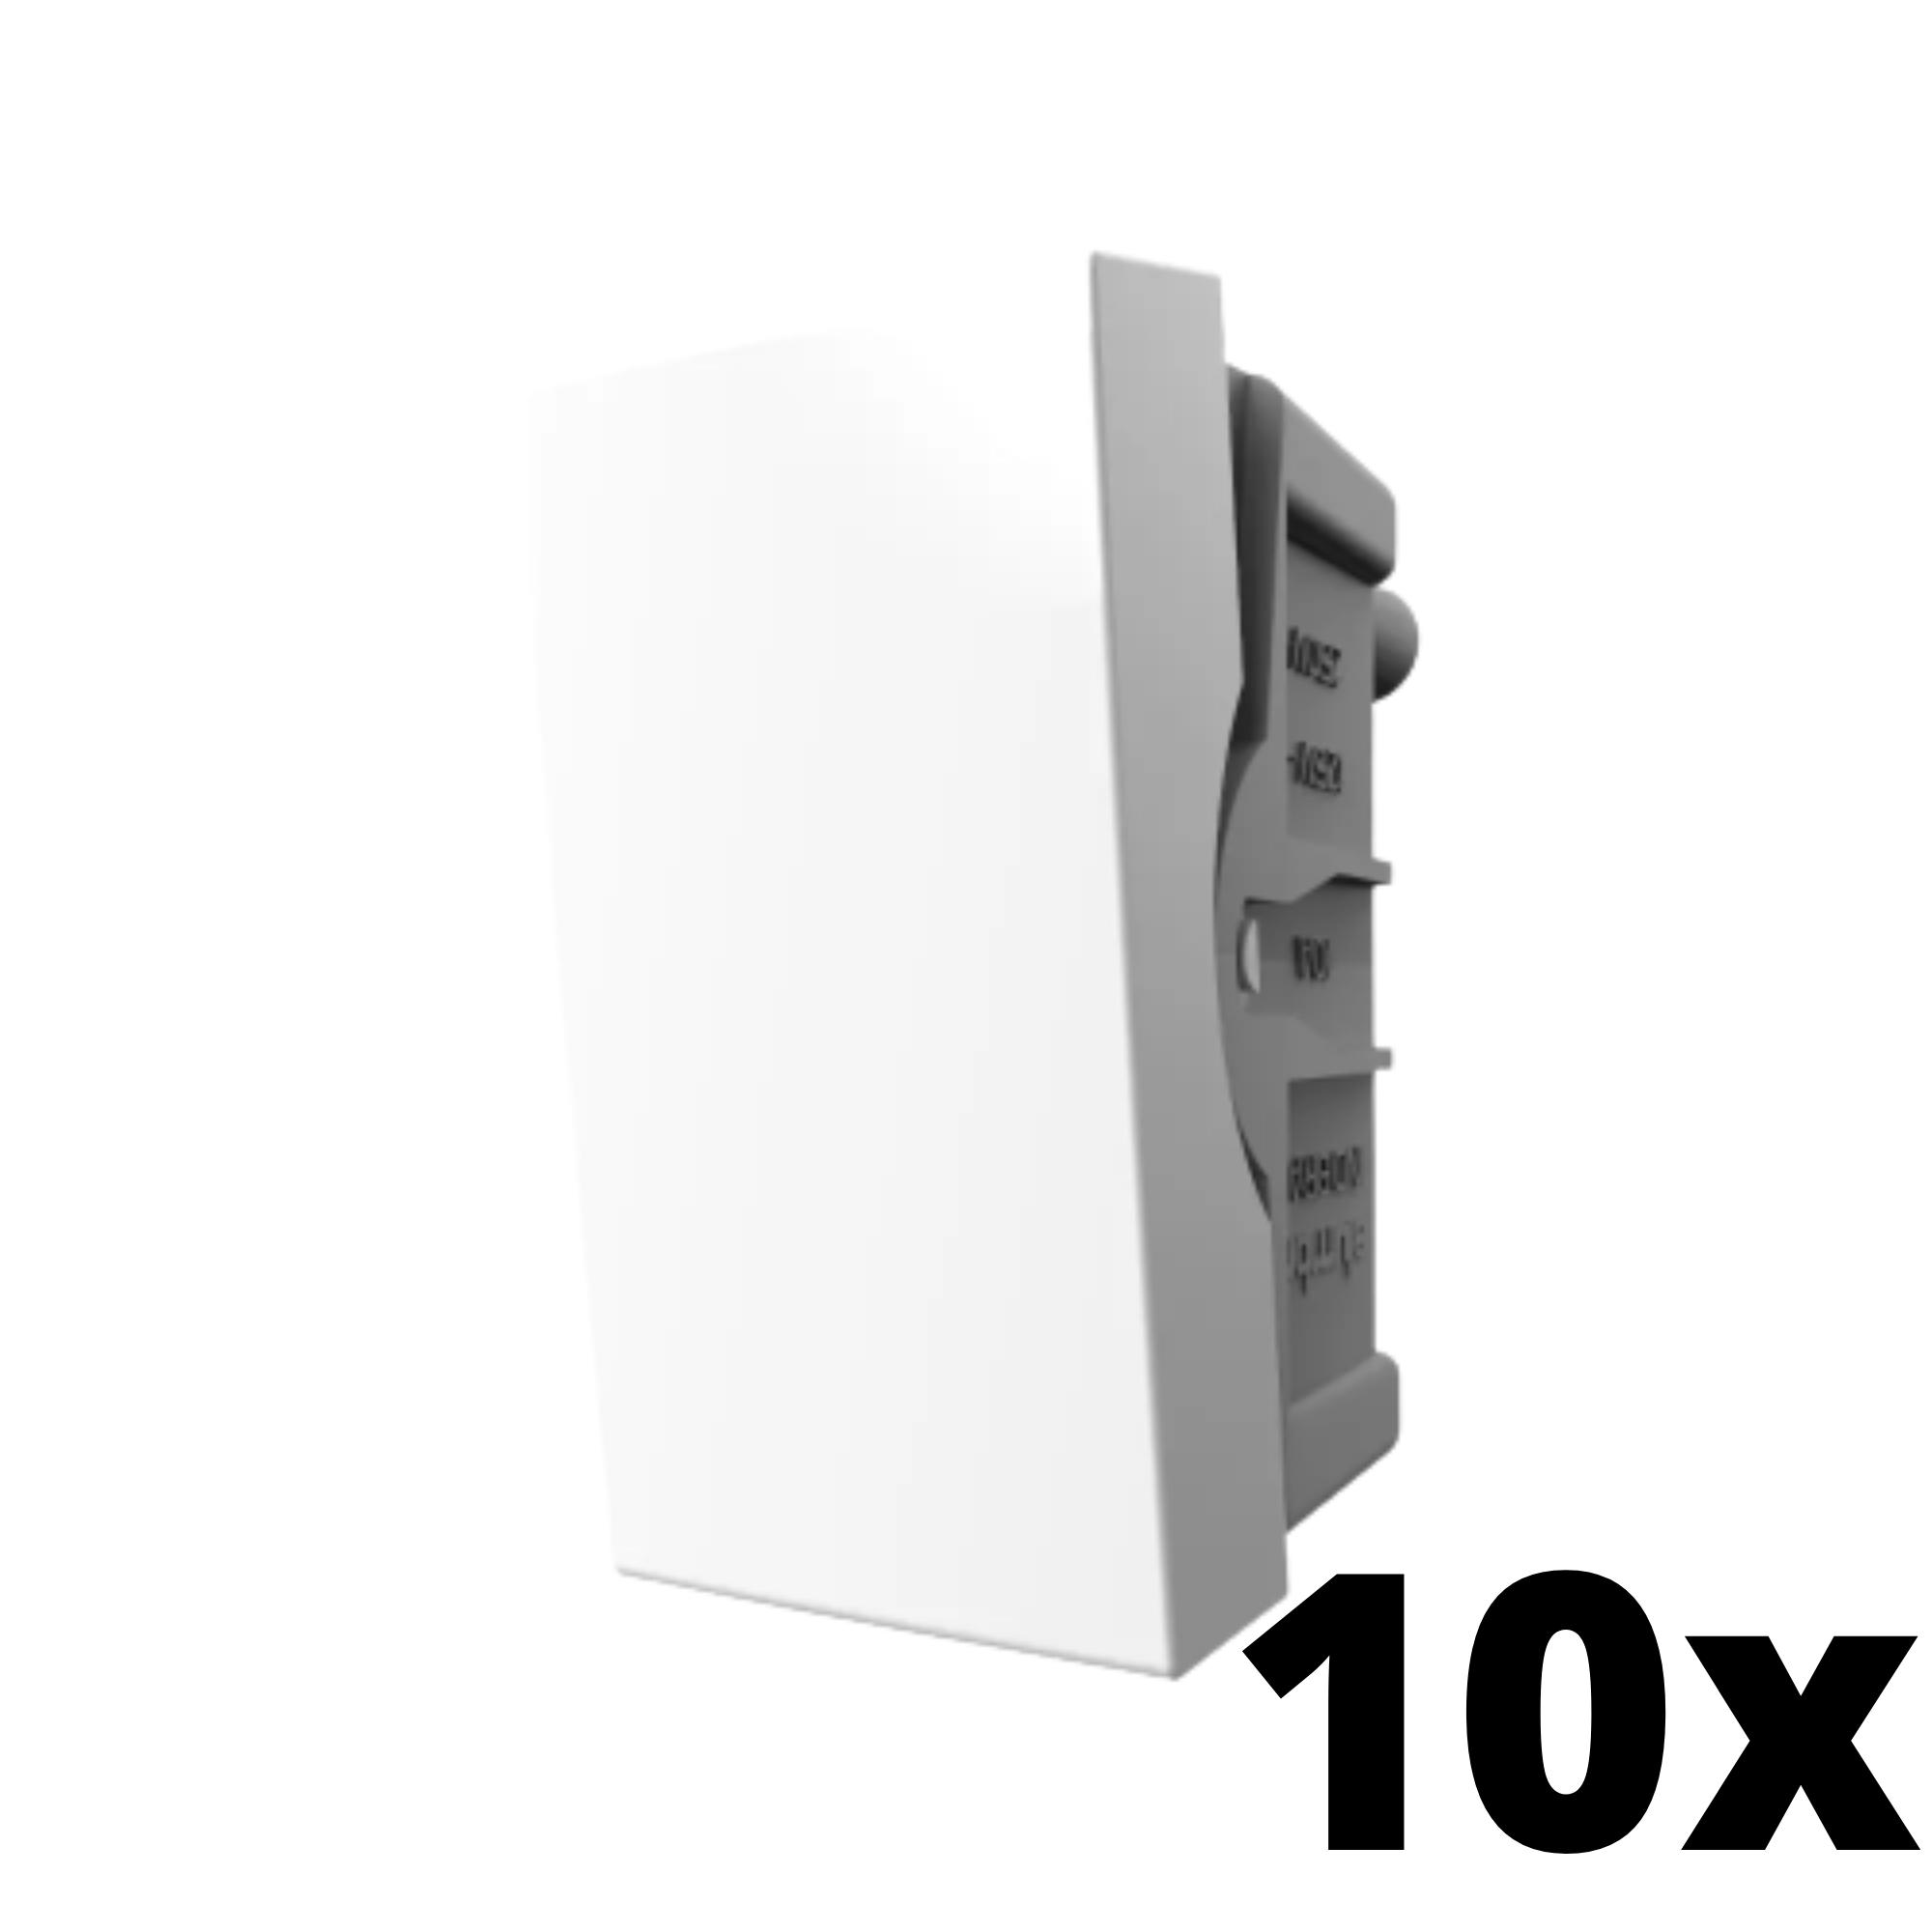 Kit 10 und Inova Pró Módulo de Interruptor Paralelo